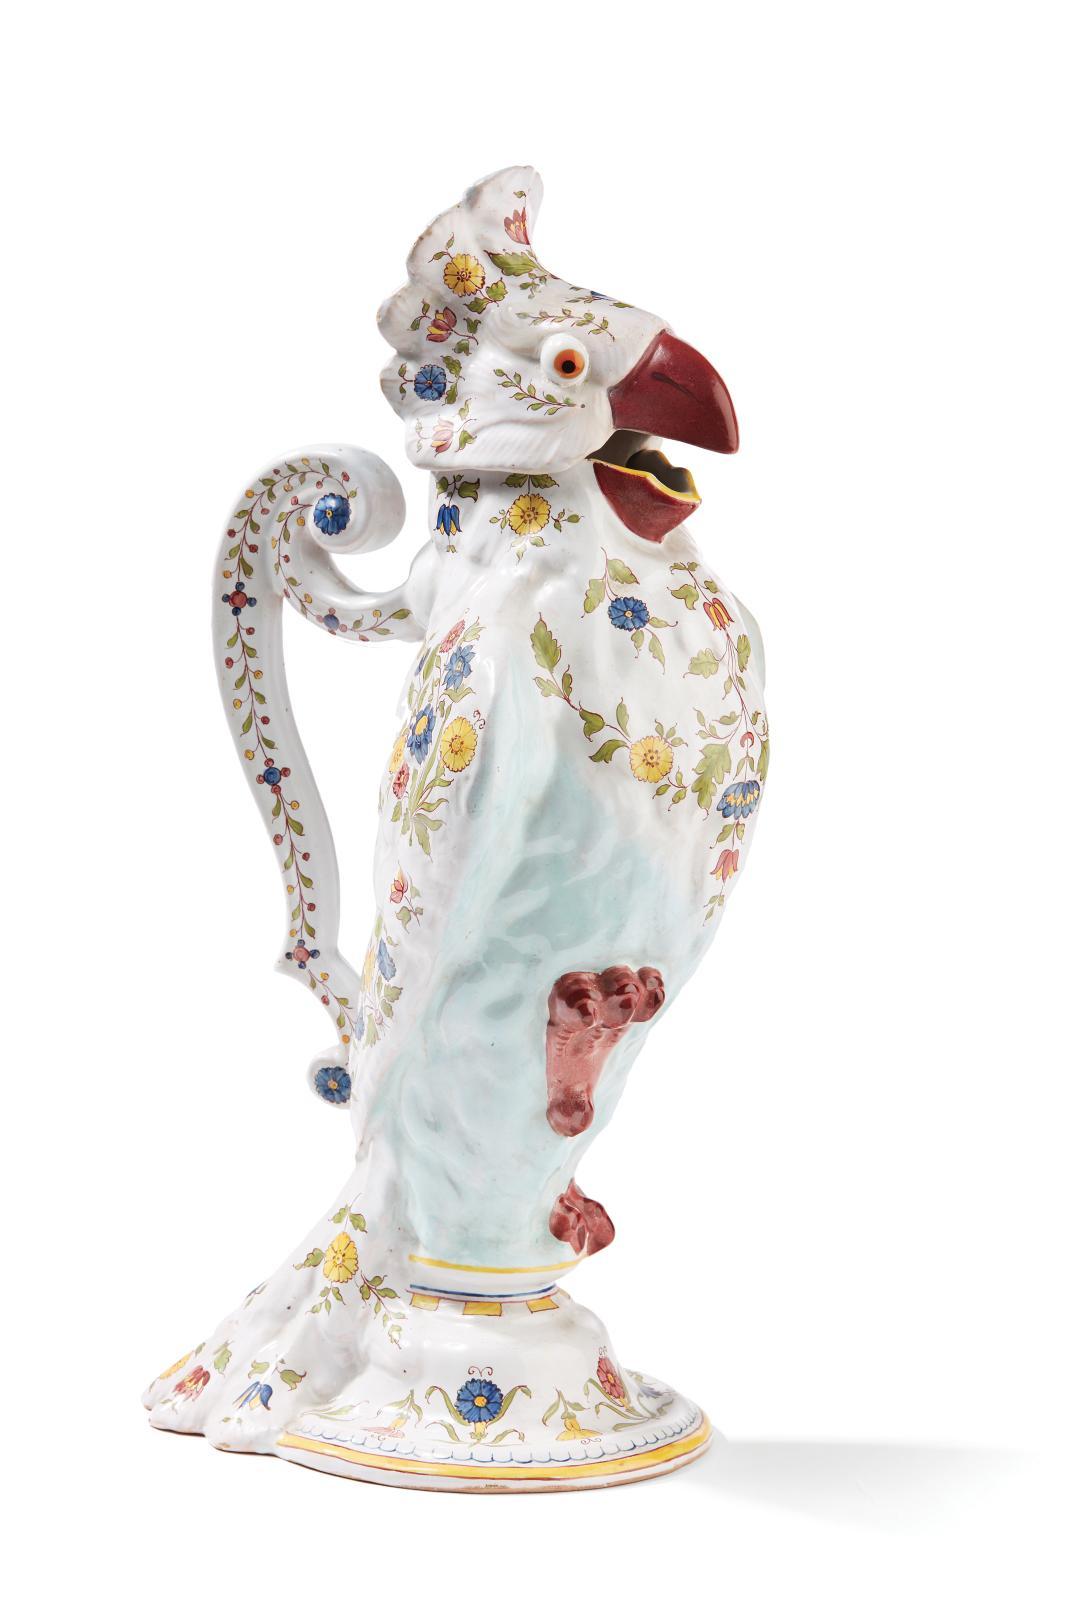 Émile Gallé, pichet zoomorphe en faïence figurant un cacatoès à décor de motifs floraux émaillés polychromes, vers 1880, h.36cm. Paris, Drouot, 4 ma